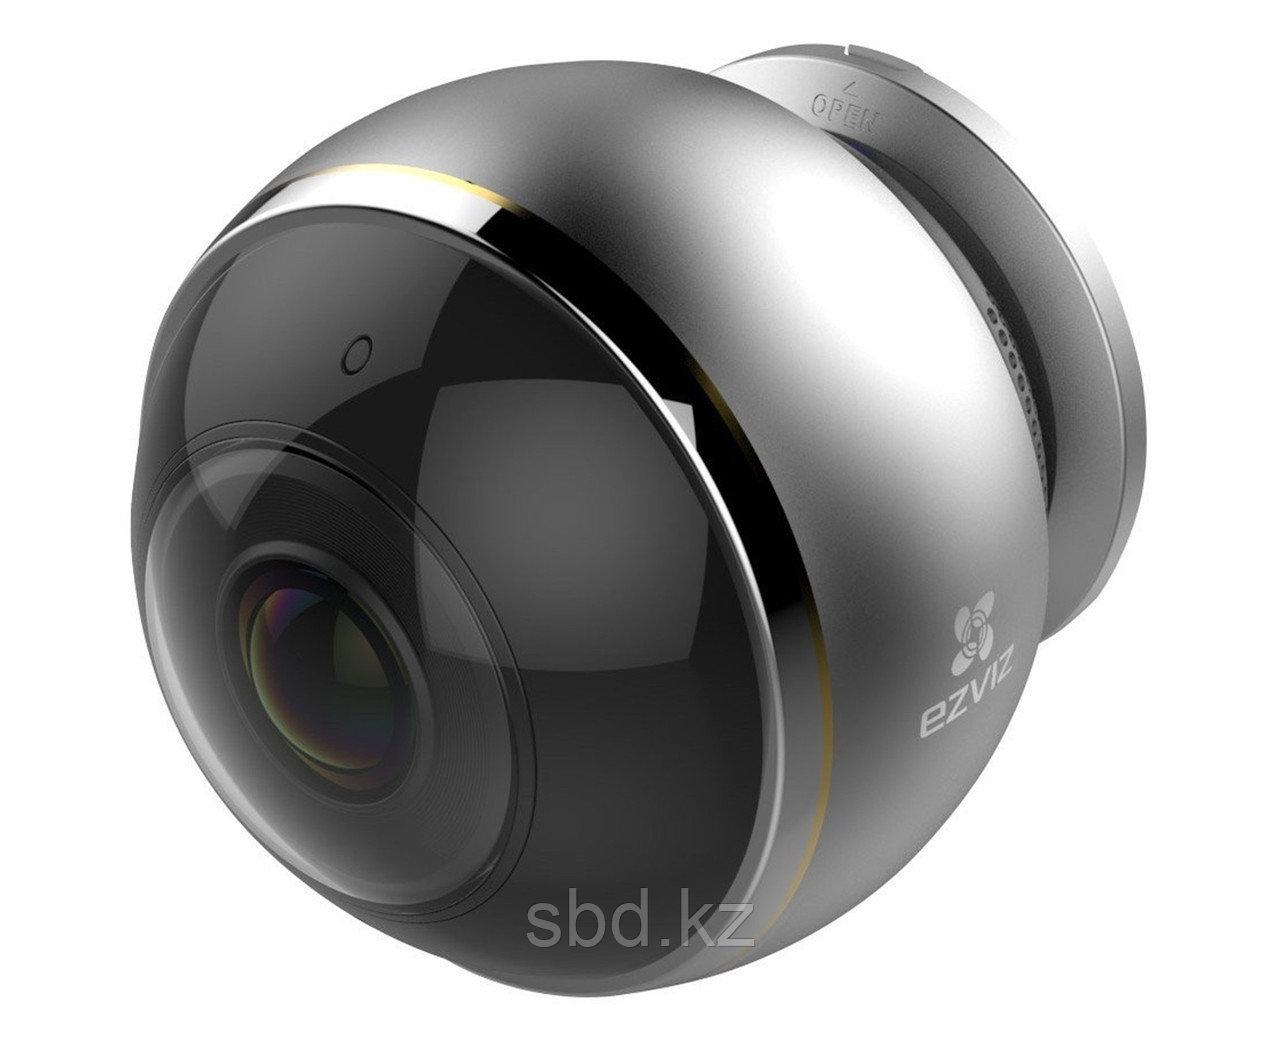 IP камера Ezviz C6P (CS-CV346-A0-7A3WFR)